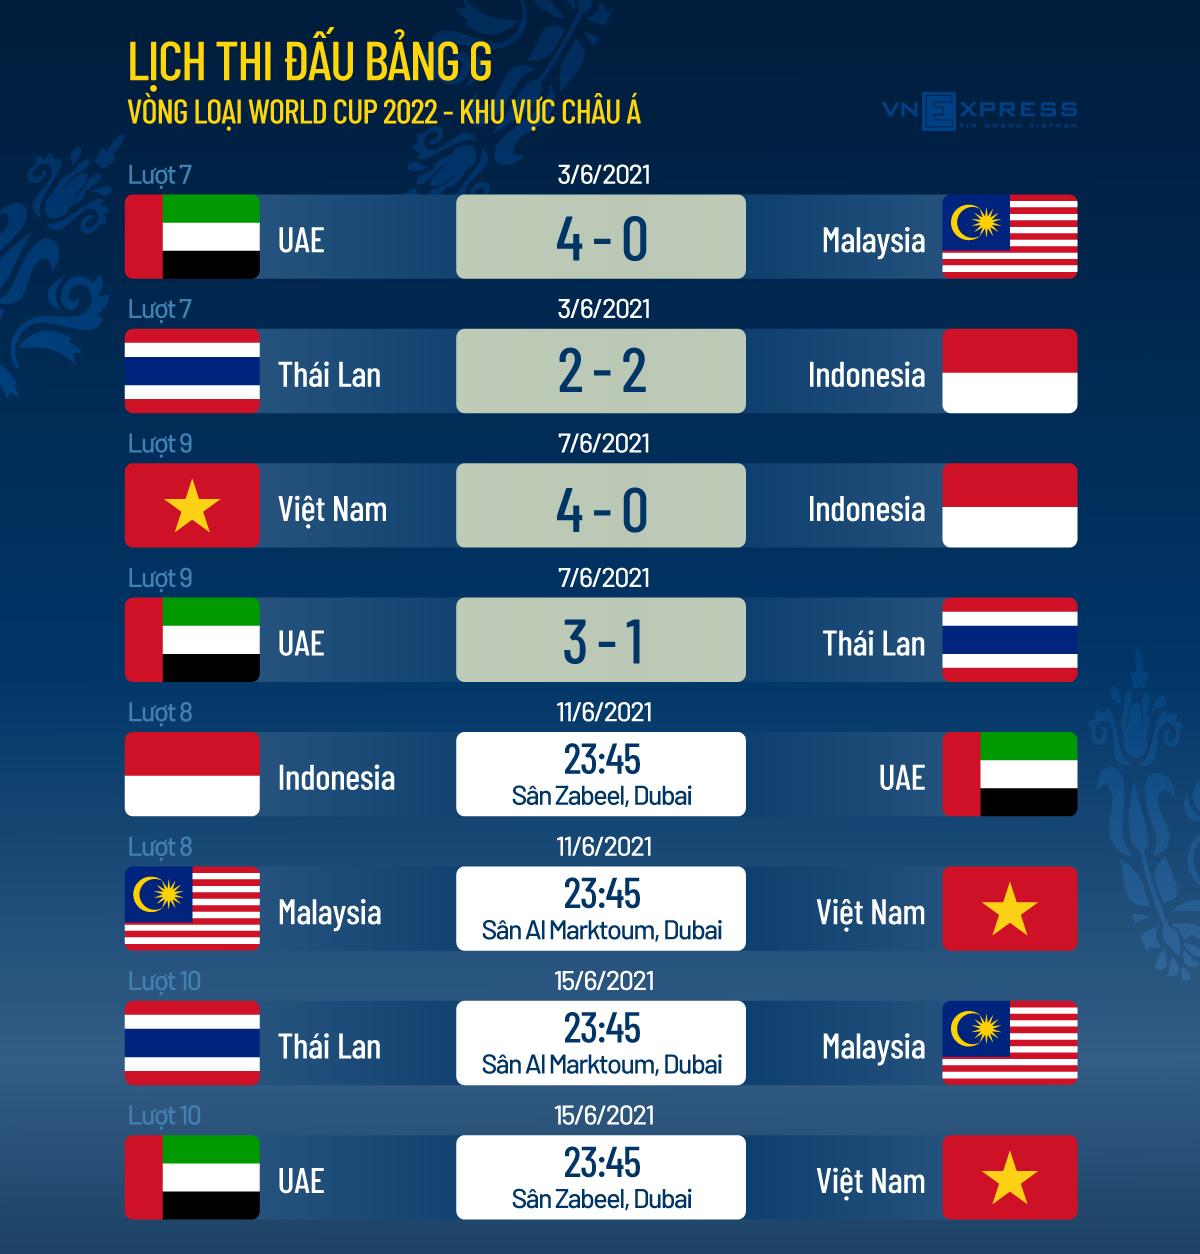 Điểm yếu của Malaysia nằm ở đâu? - 5